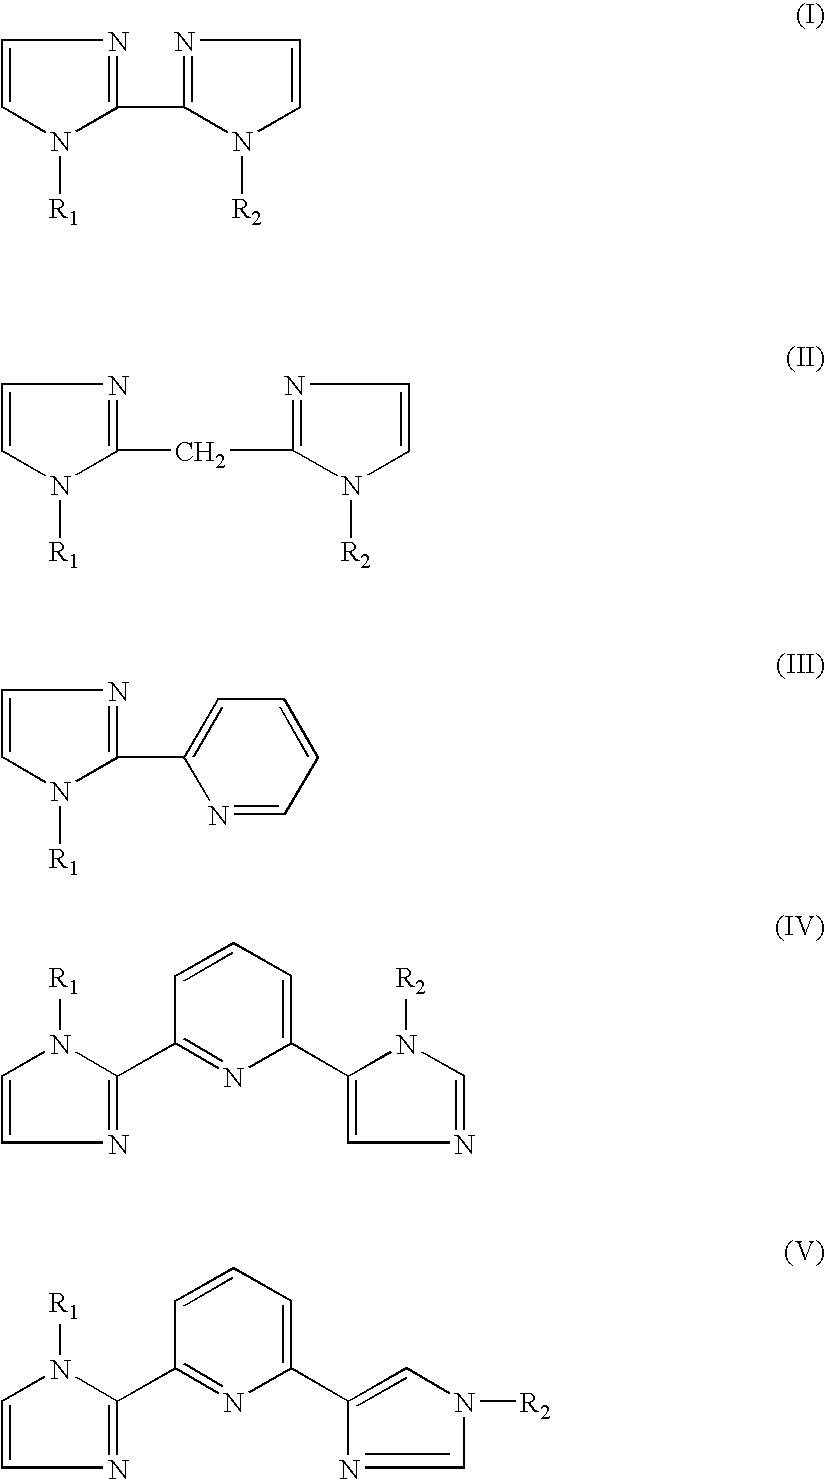 Figure US20100012525A1-20100121-C00001